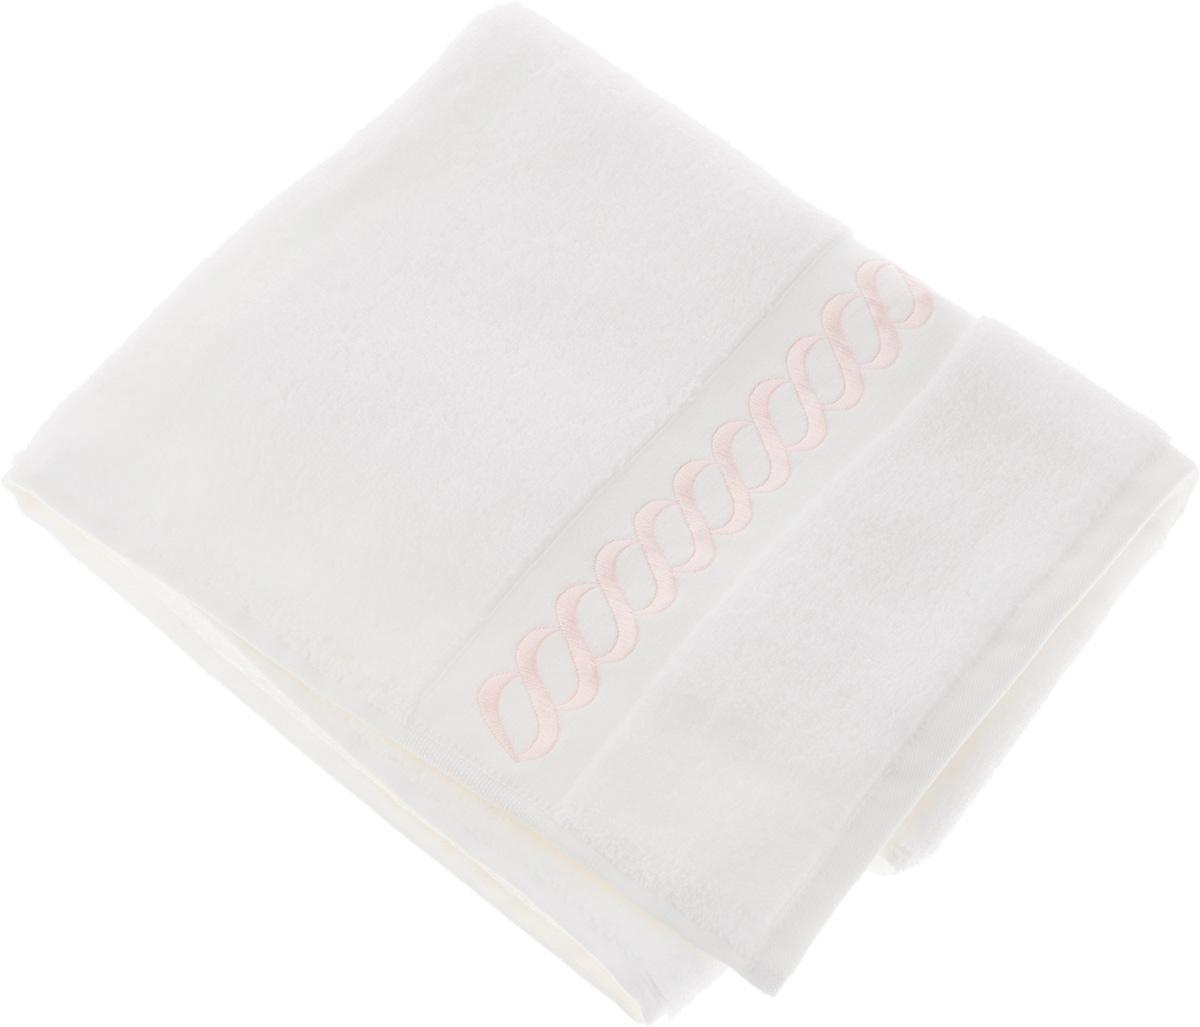 Полотенце махровое Issimo Home Pauline, цвет: белый, розовый, 50 x 90 см4724Полотенце Issimo Home Pauline выполнено из натуральной махровой ткани (100% хлопок). Изделие отлично впитывает влагу, быстро сохнет и не теряет форму даже после многократных стирок. Рекомендации по уходу: - режим стирки при 40°C, - допускается обычная химчистка, - отбеливание запрещено, - глажка при температуре подошвы утюга до 110°С, - барабанный отжим запрещен. Размер полотенца: 50 x 90 см.